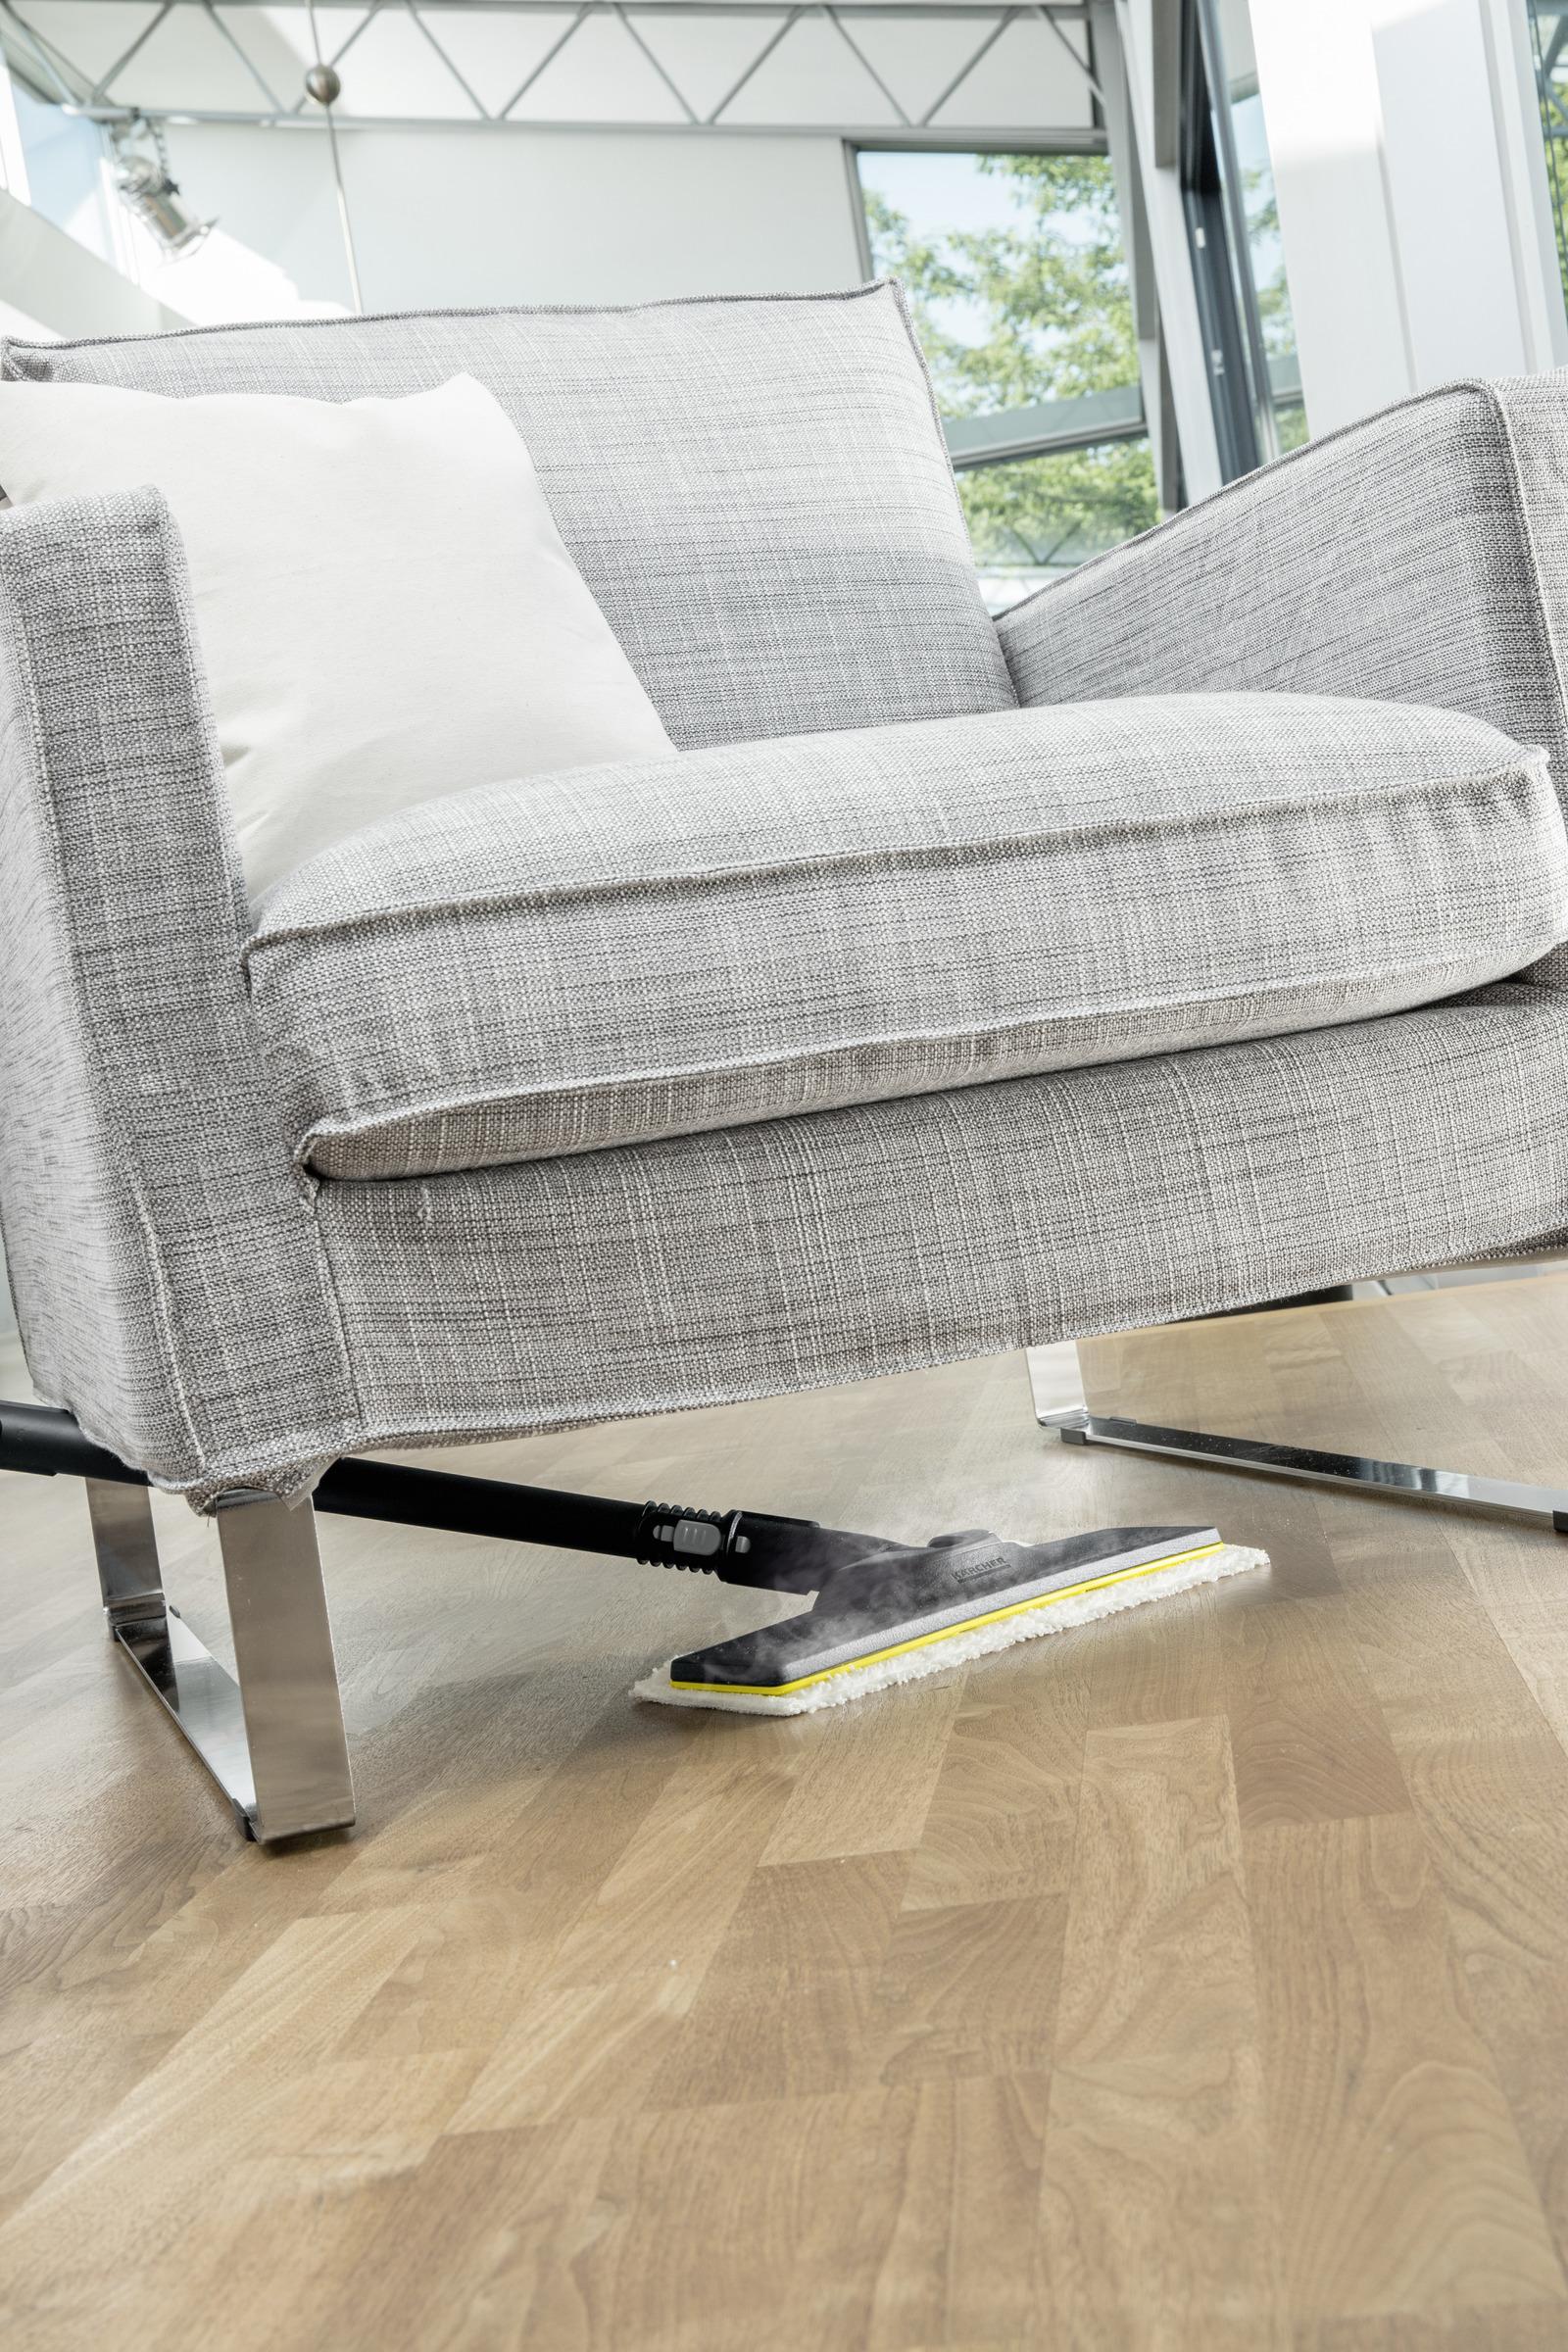 nettoyeur vapeur sc 2 easyfix premium blanc k rcher. Black Bedroom Furniture Sets. Home Design Ideas